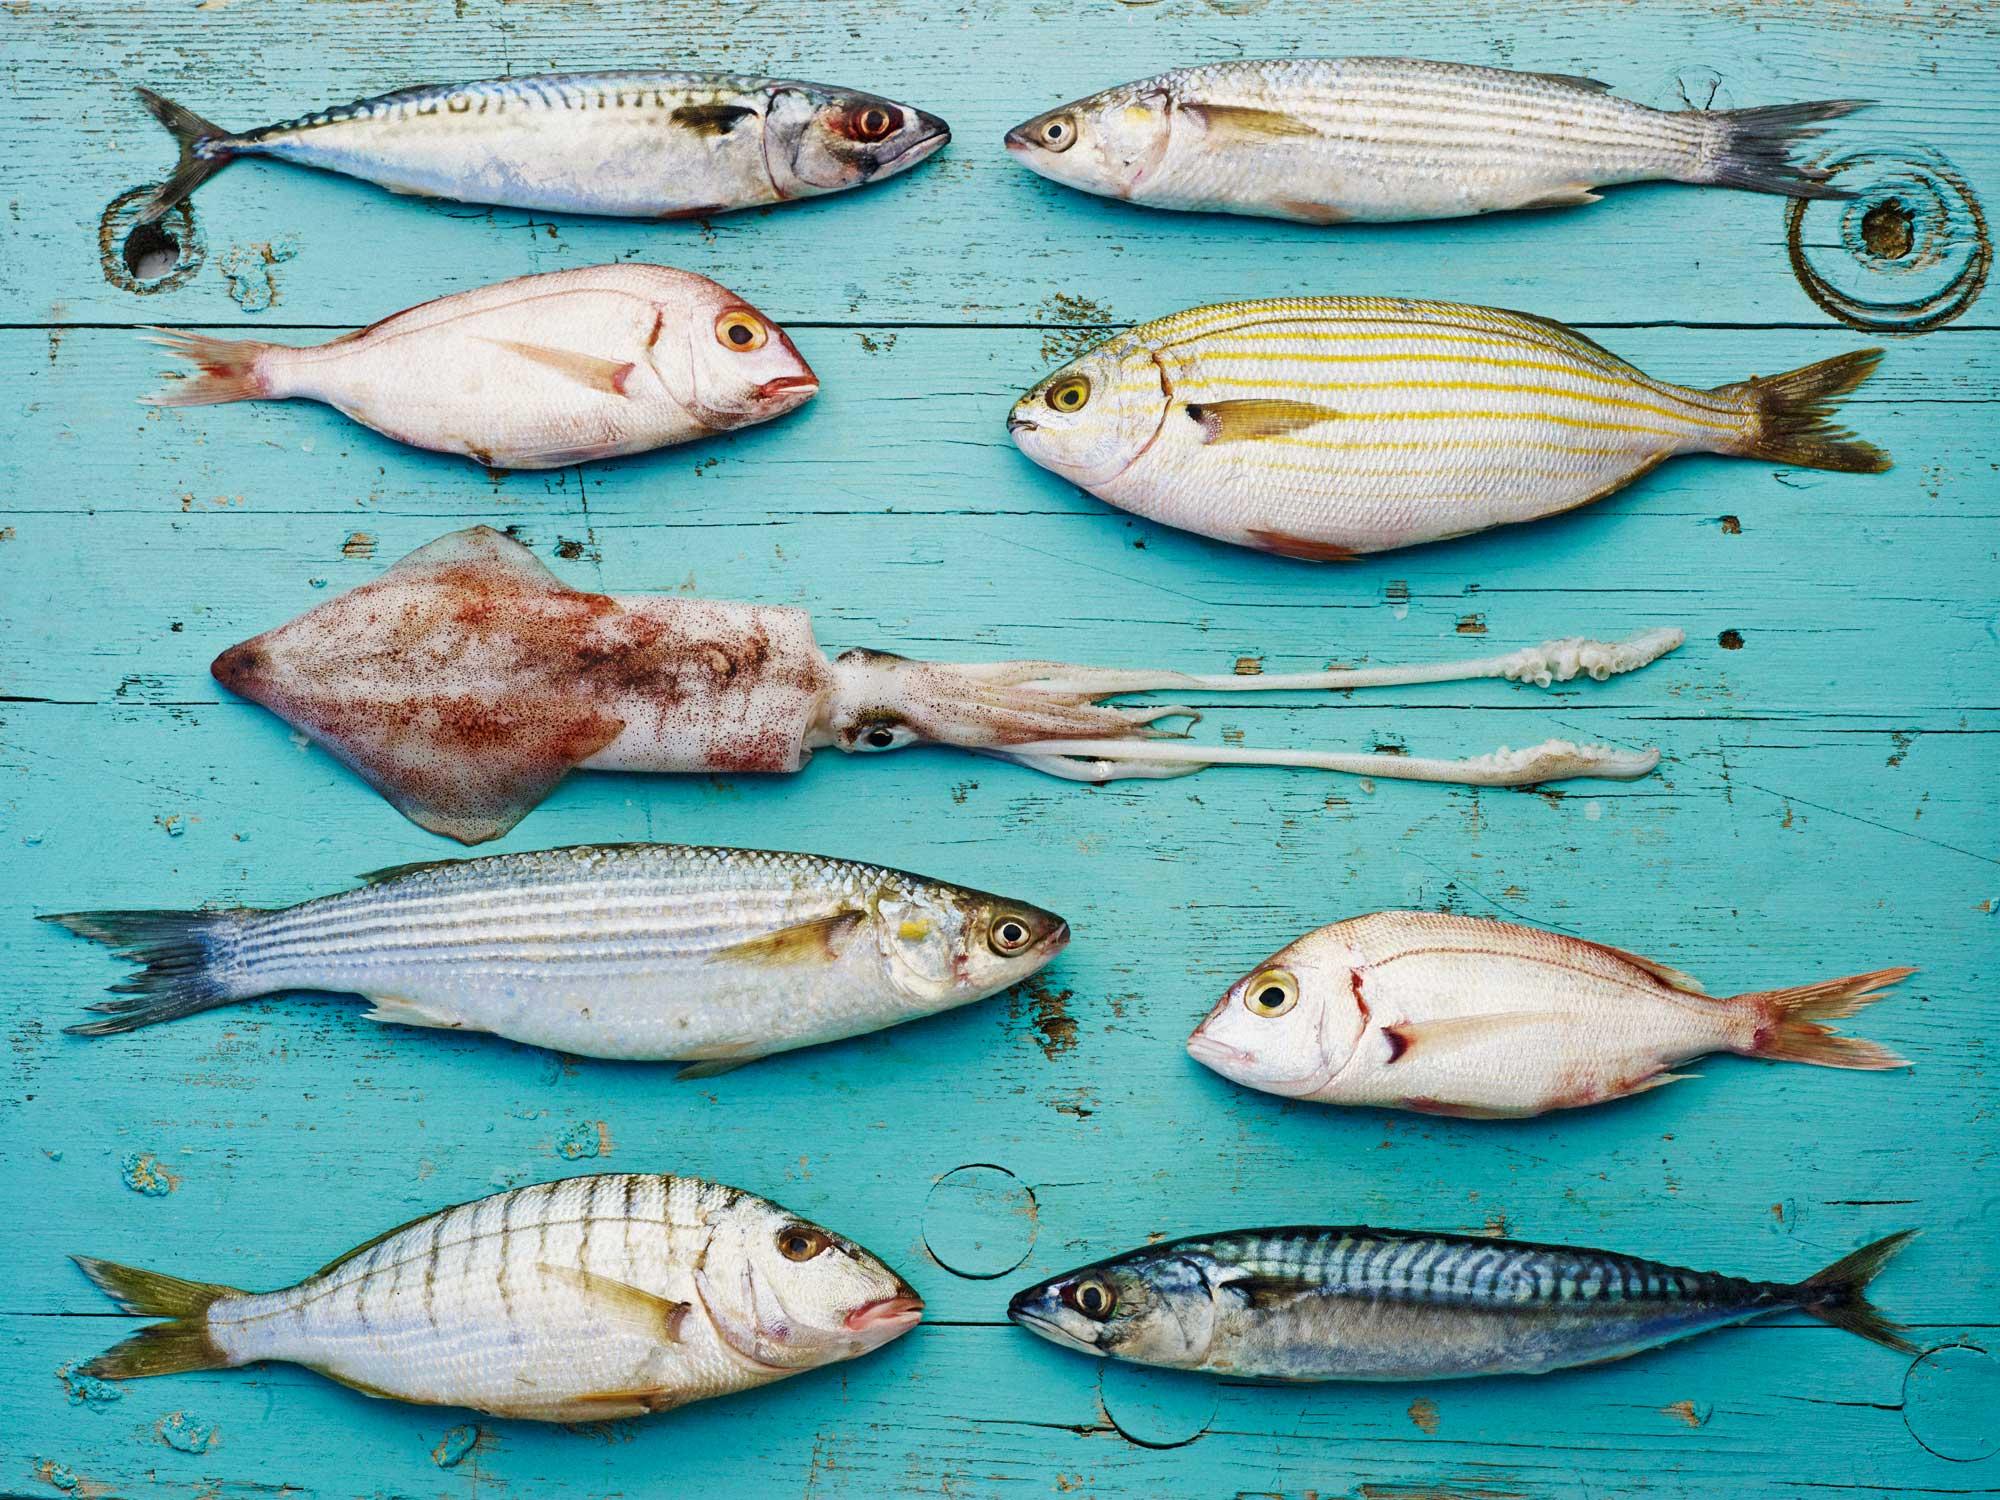 Na morje z ribiči